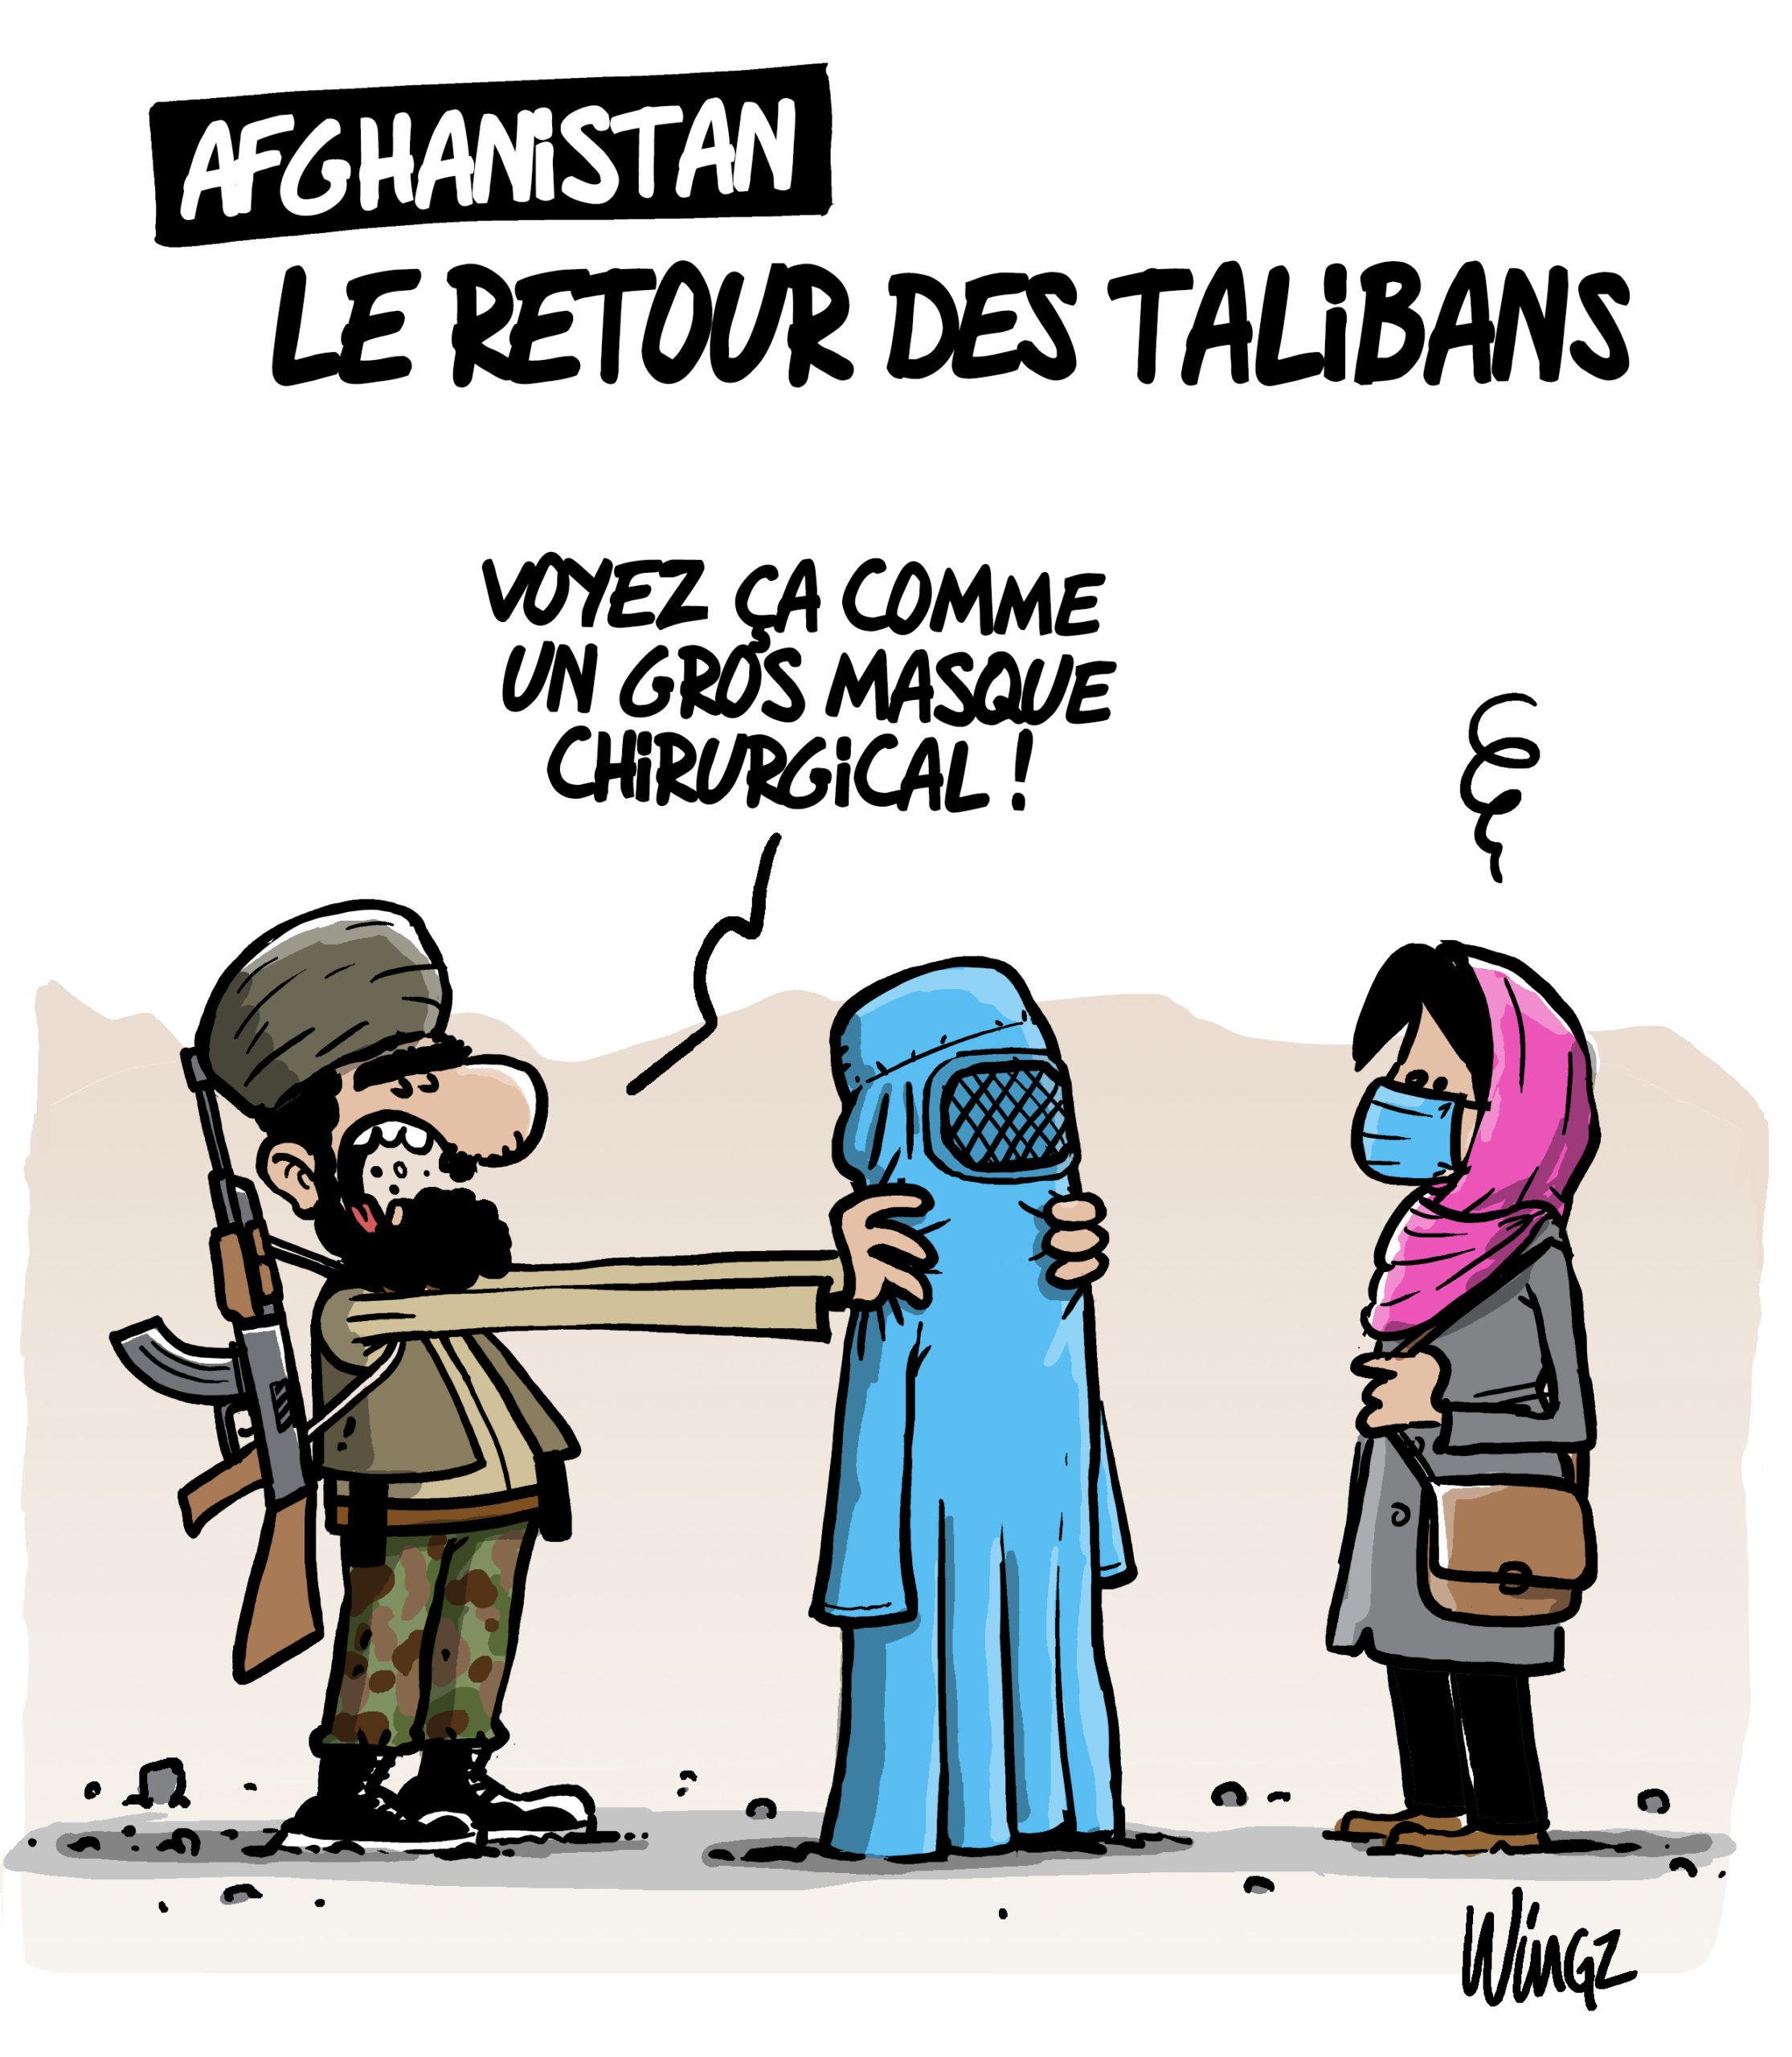 Le retour des talibans vu par Wingz pour l'Echo du Mardi - Actualité